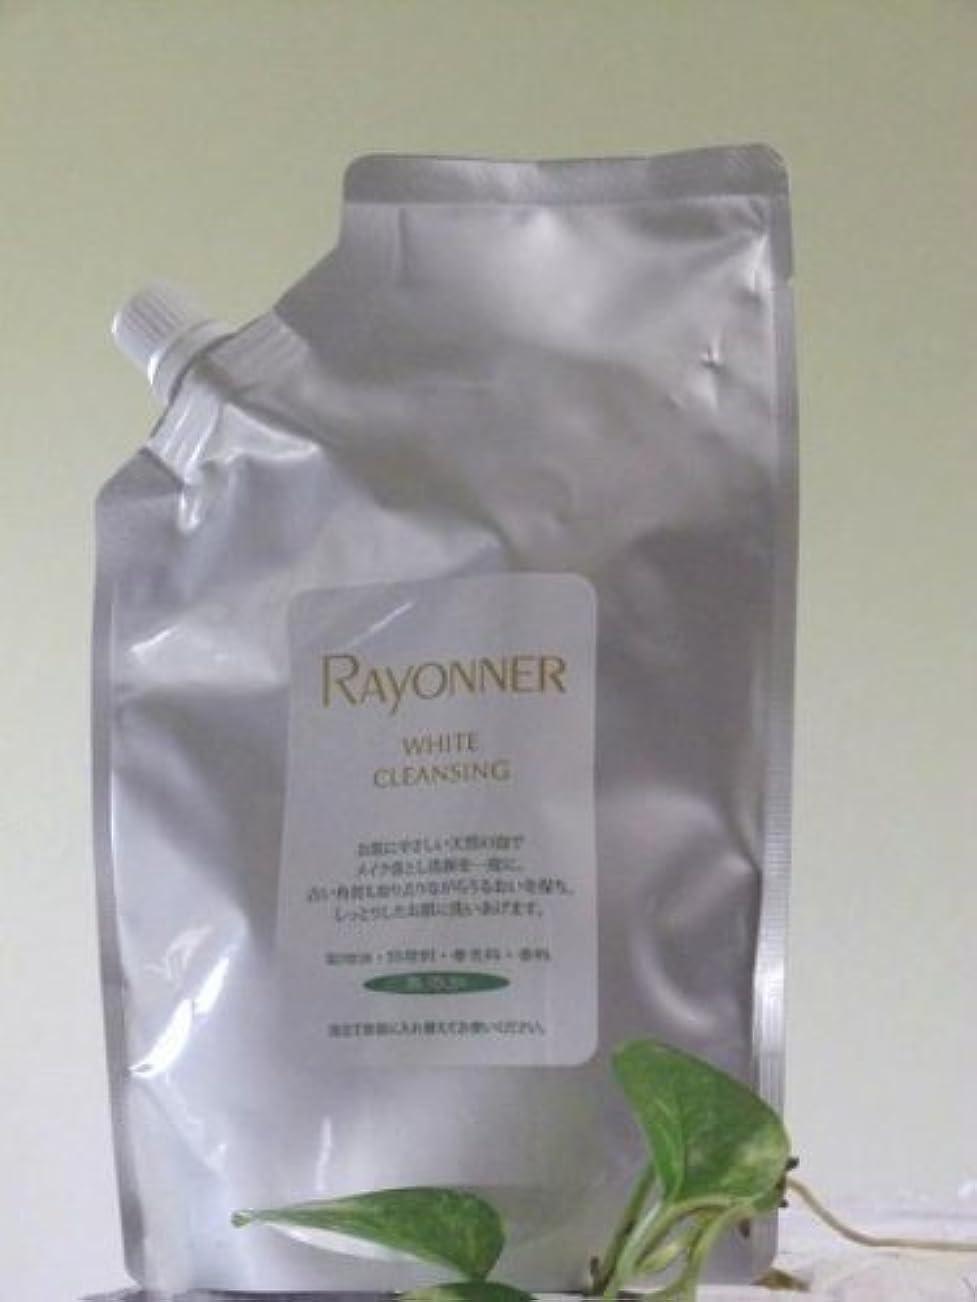 消毒剤活性化するありがたいレイヨネホワイトクレンジング詰め替え用(200ml)